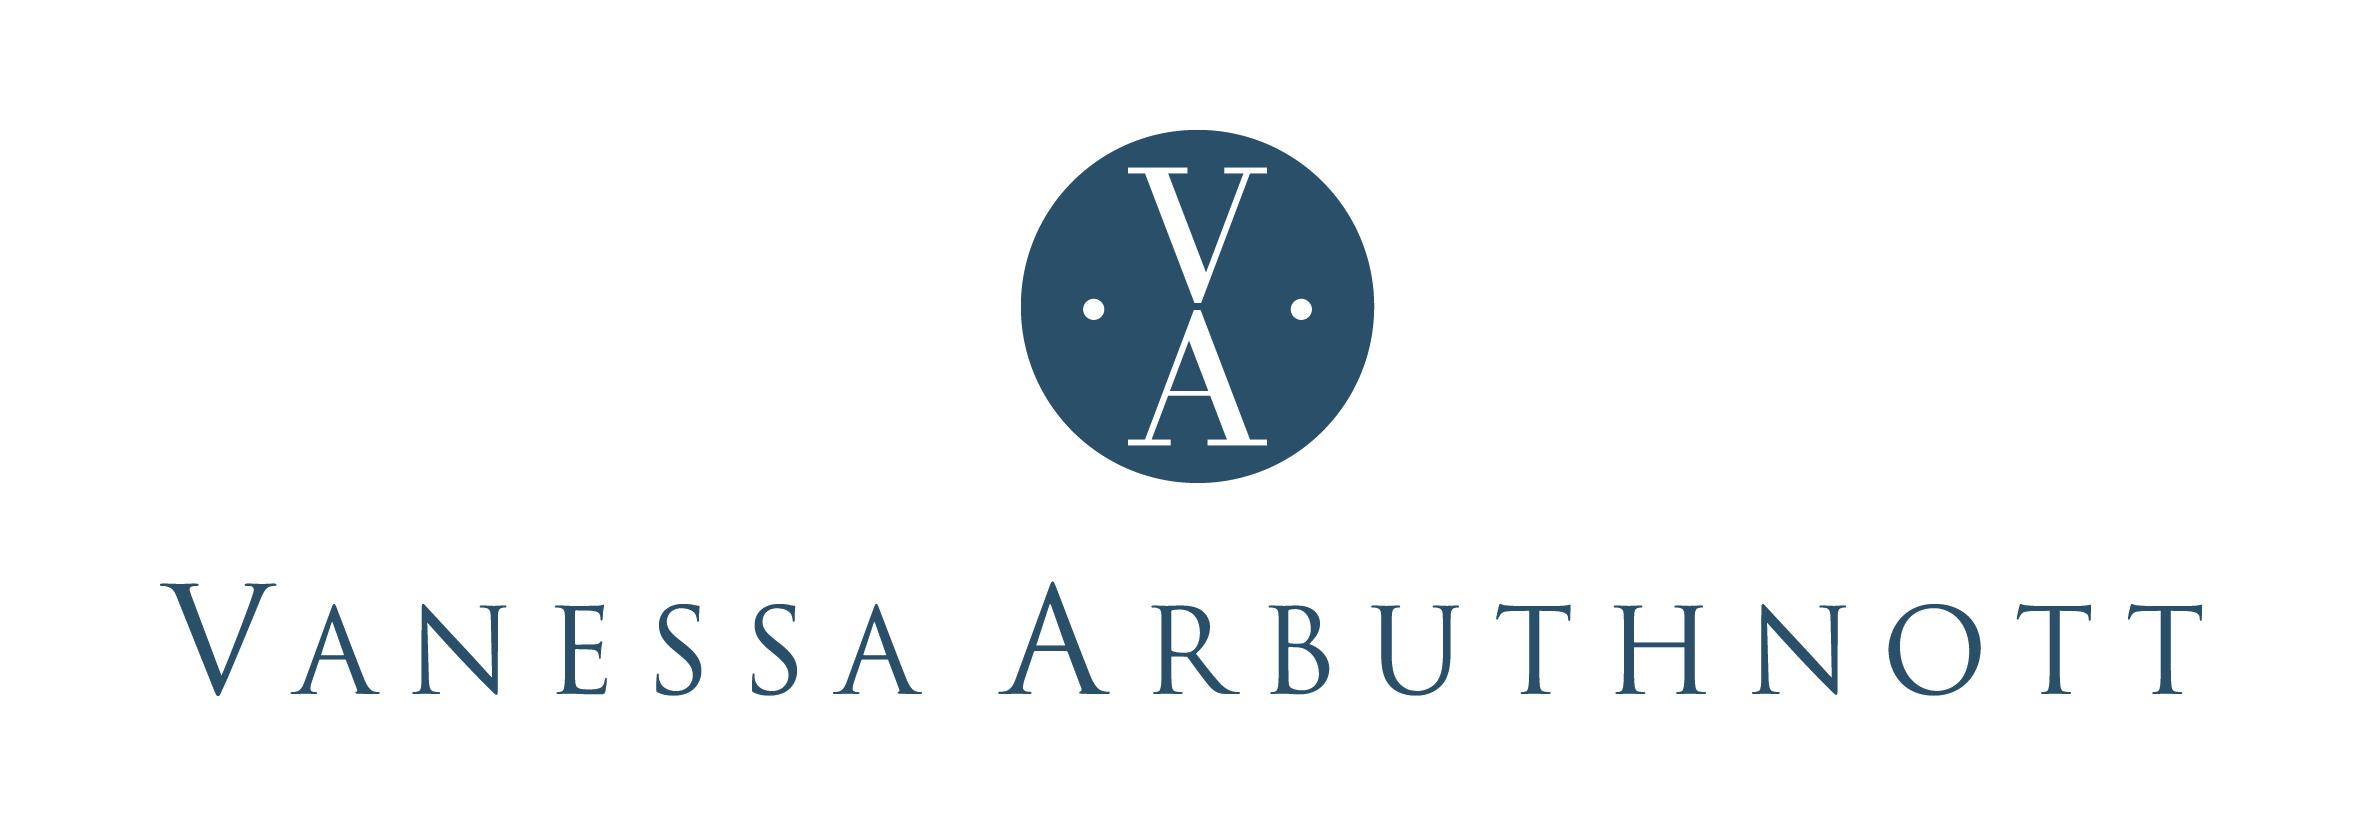 Read Vanessa Arbuthnott Fabrics Reviews